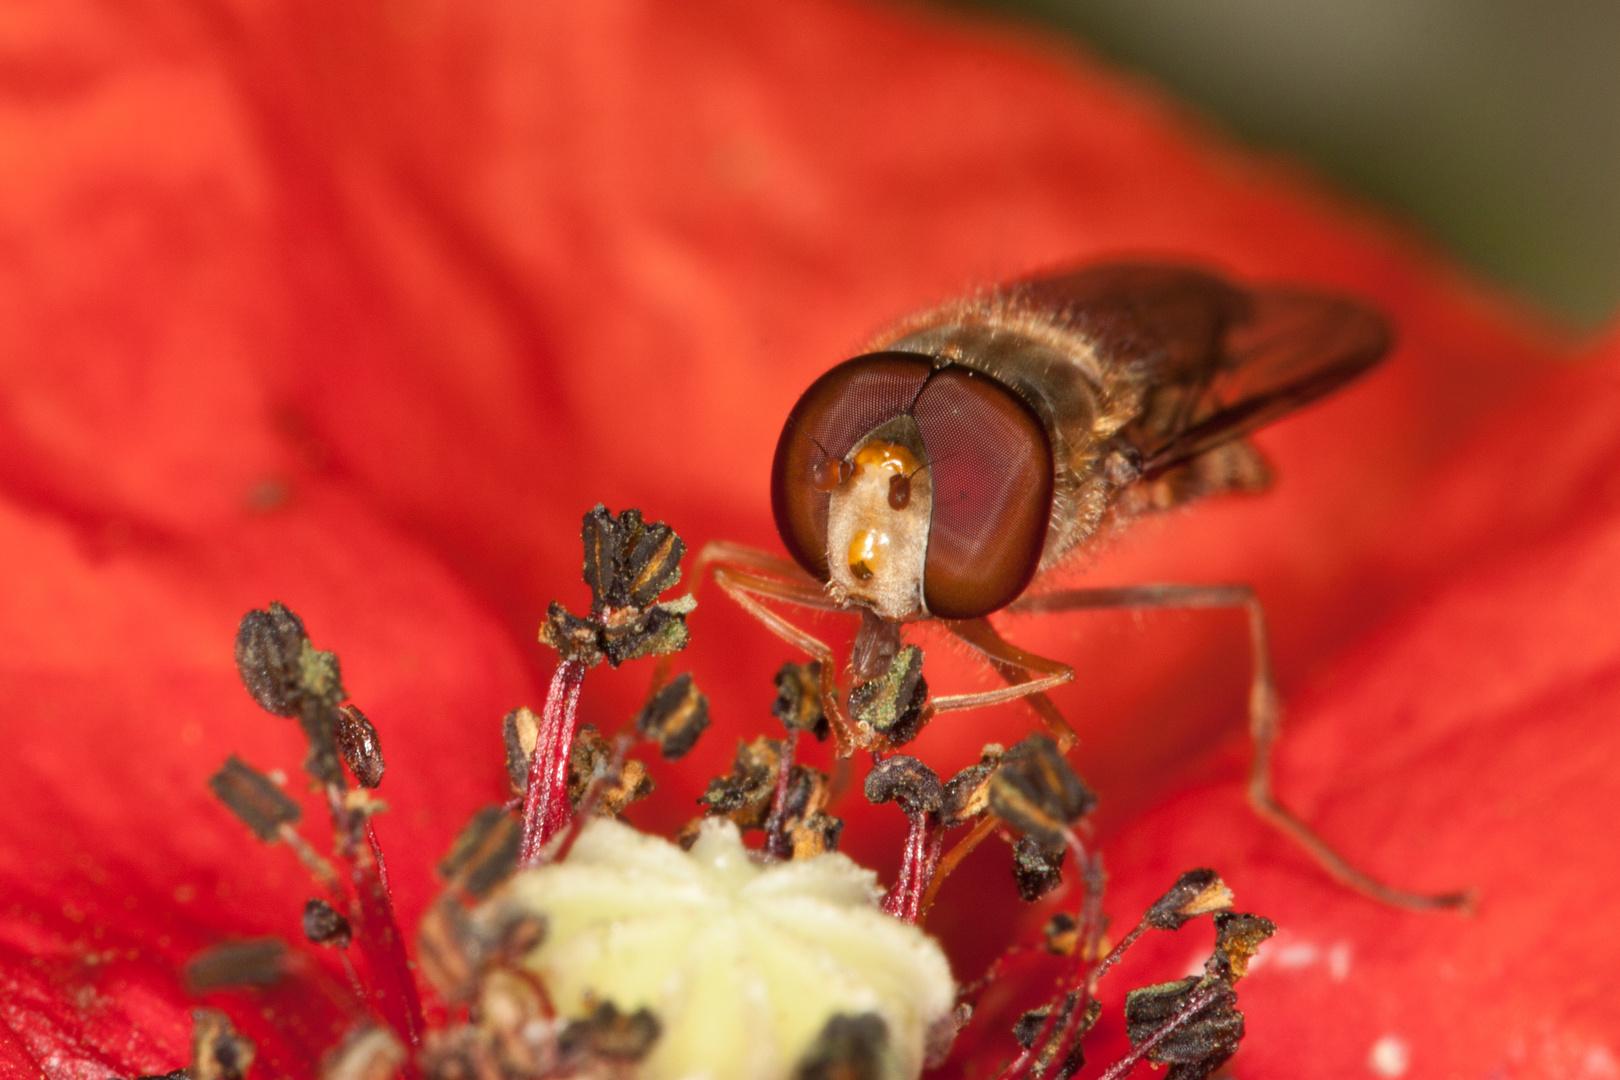 Schwebfliege auf Mohnblume 2